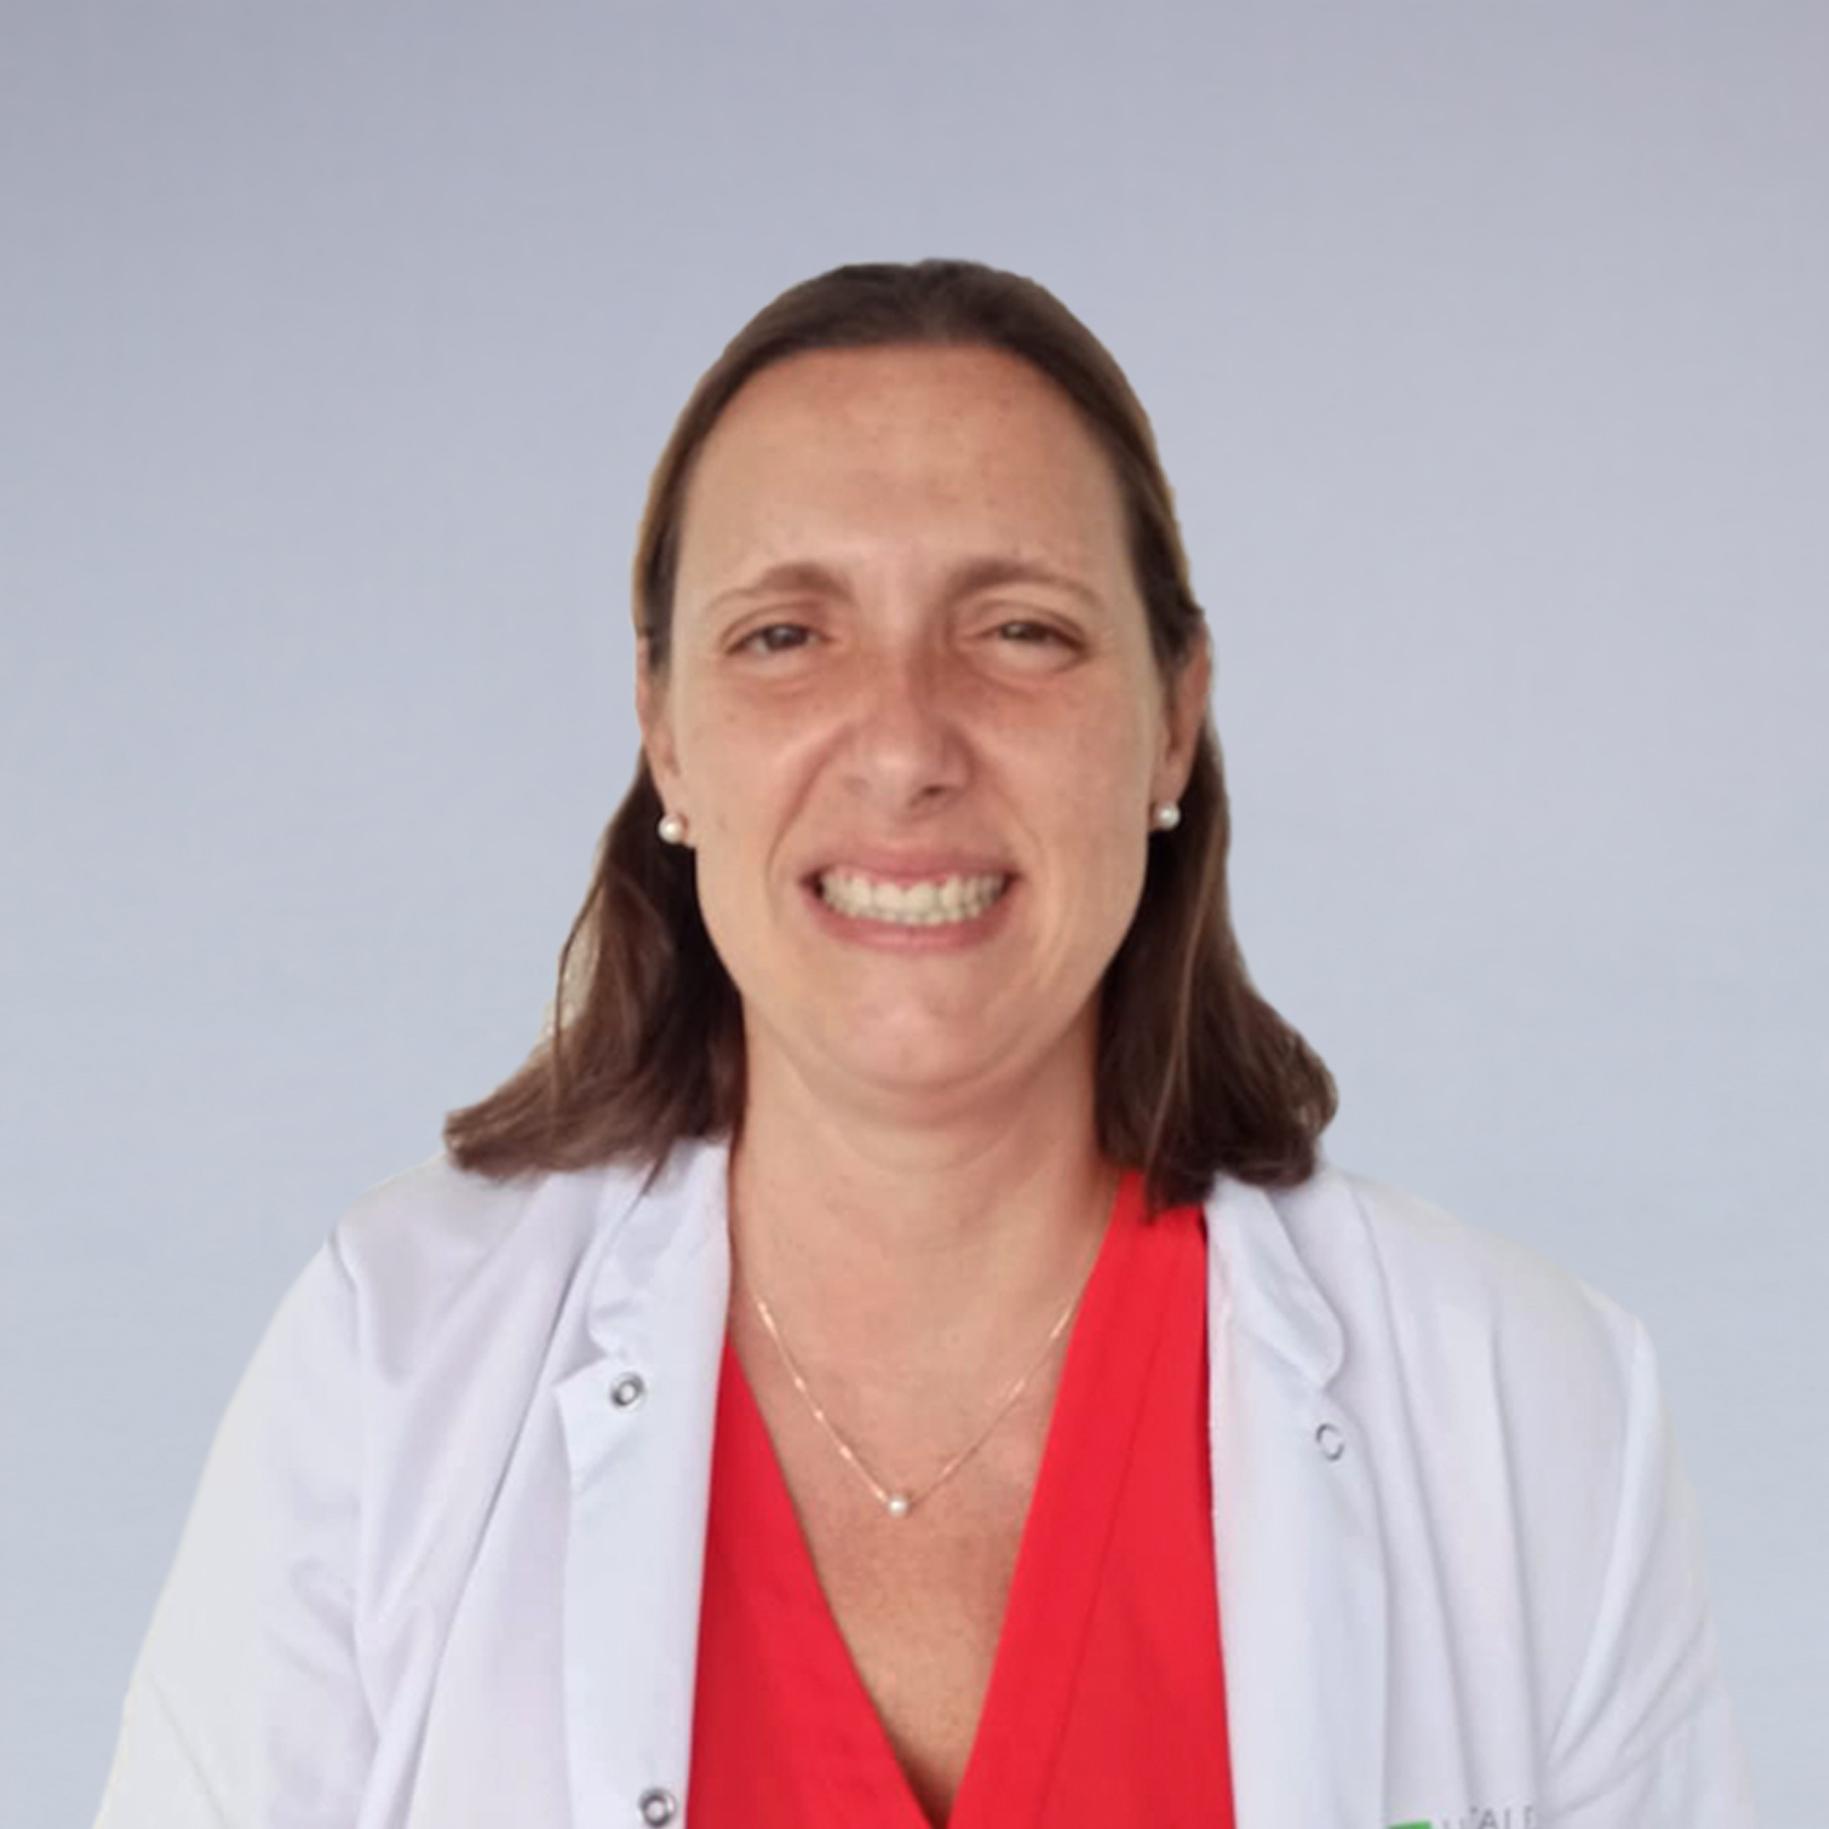 Patricia Márquez Rodríguez